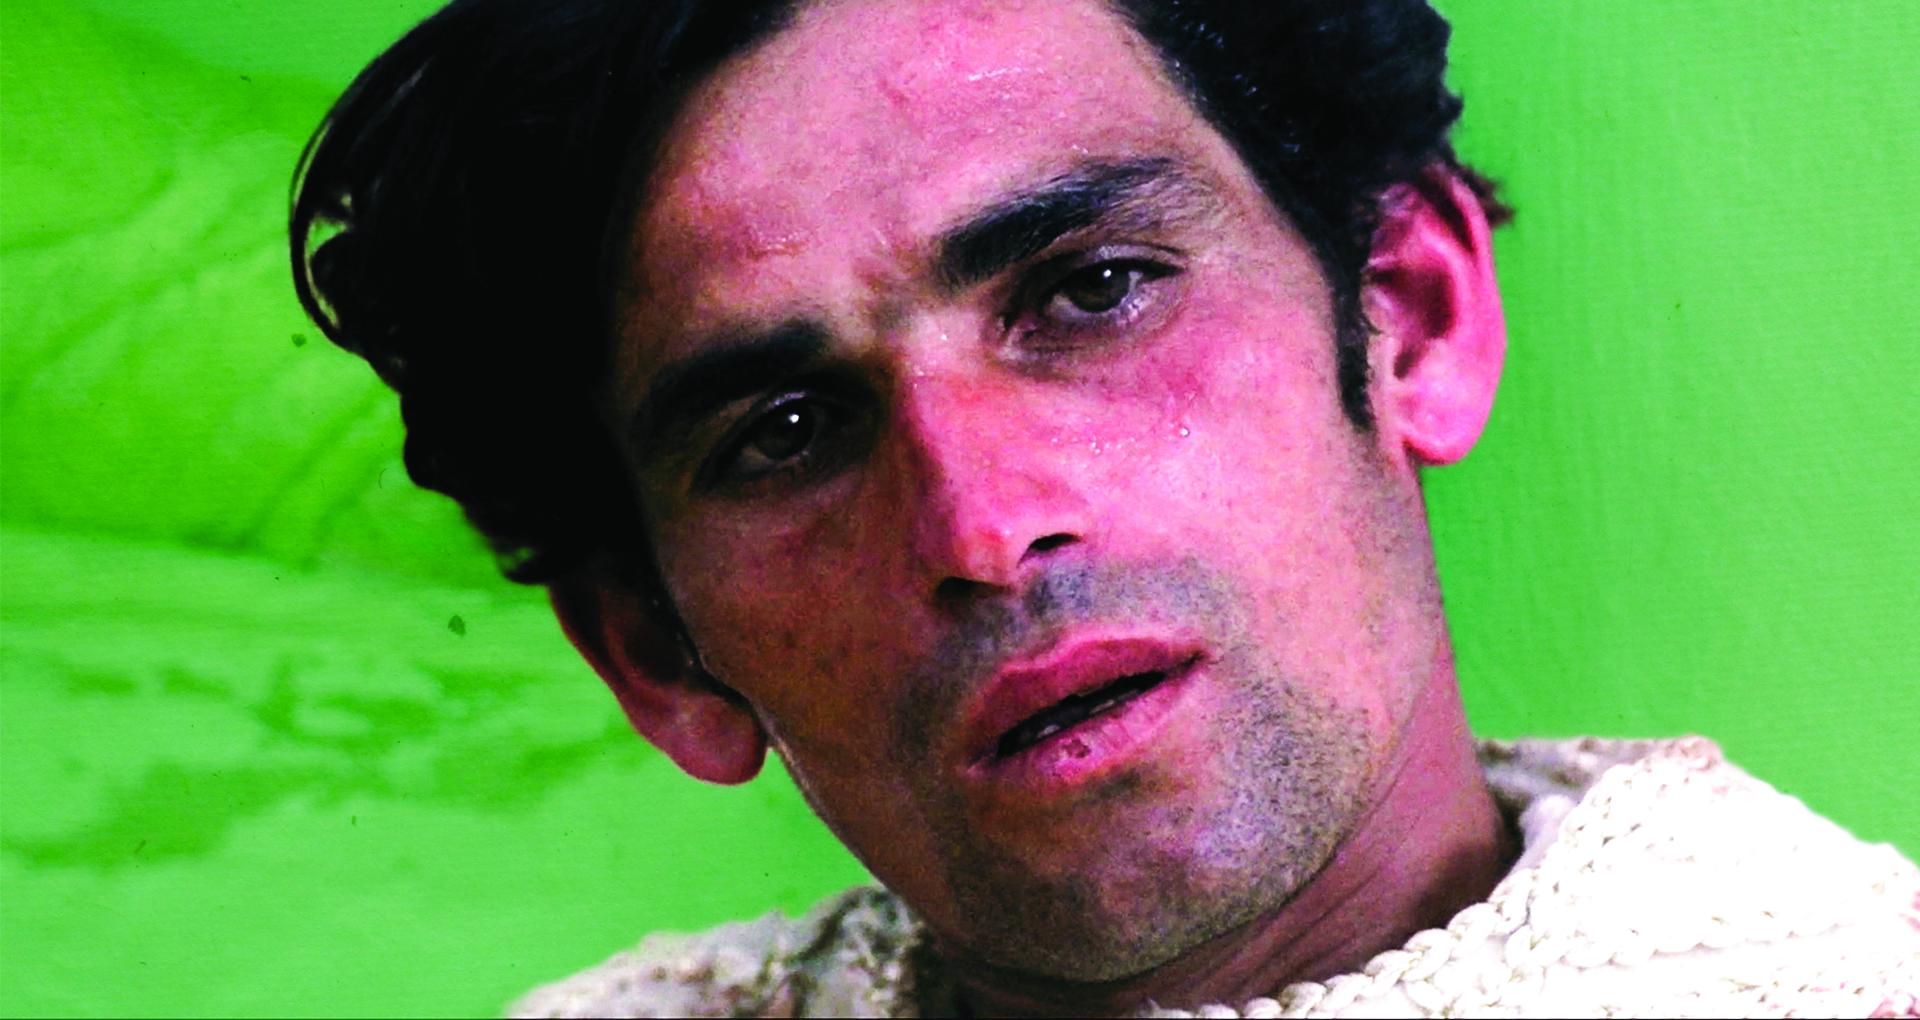 Portrait d'u homme aux cheveux bruns sur fond vert.